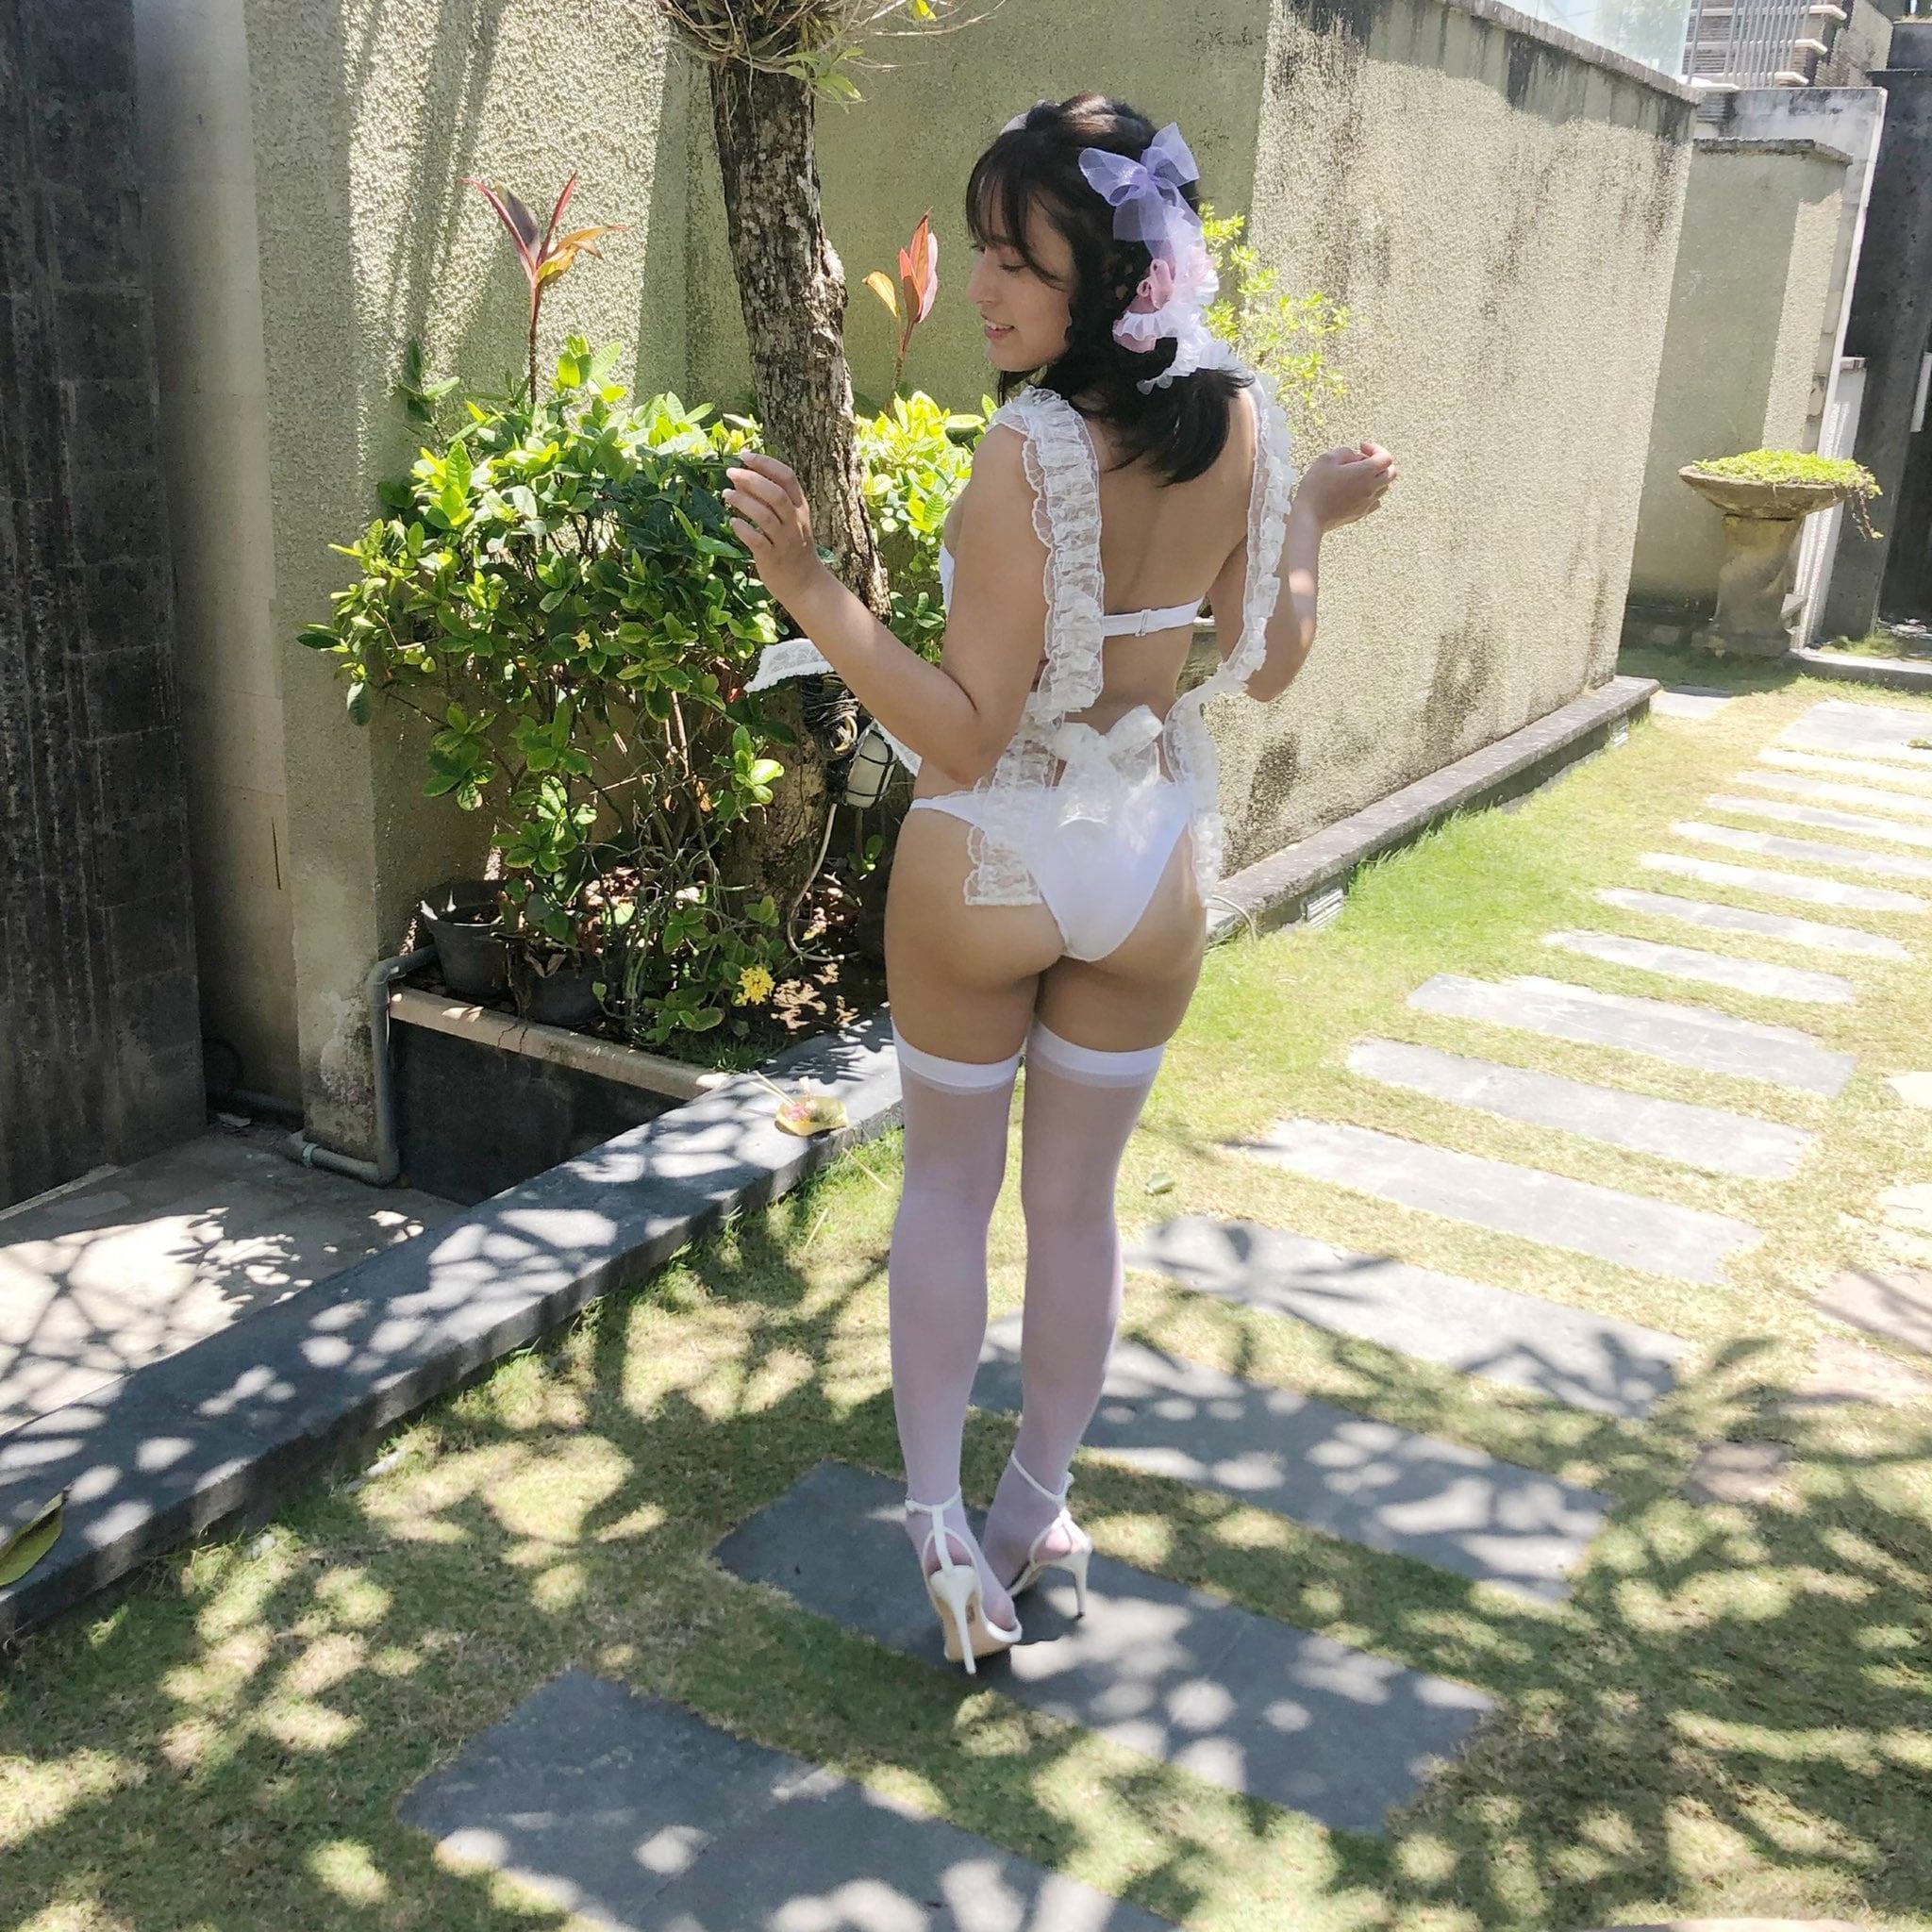 平田梨奈「えっちなメイド姿にドキっ…」はみ出そうな美尻を屋外で…【画像2枚】の画像001